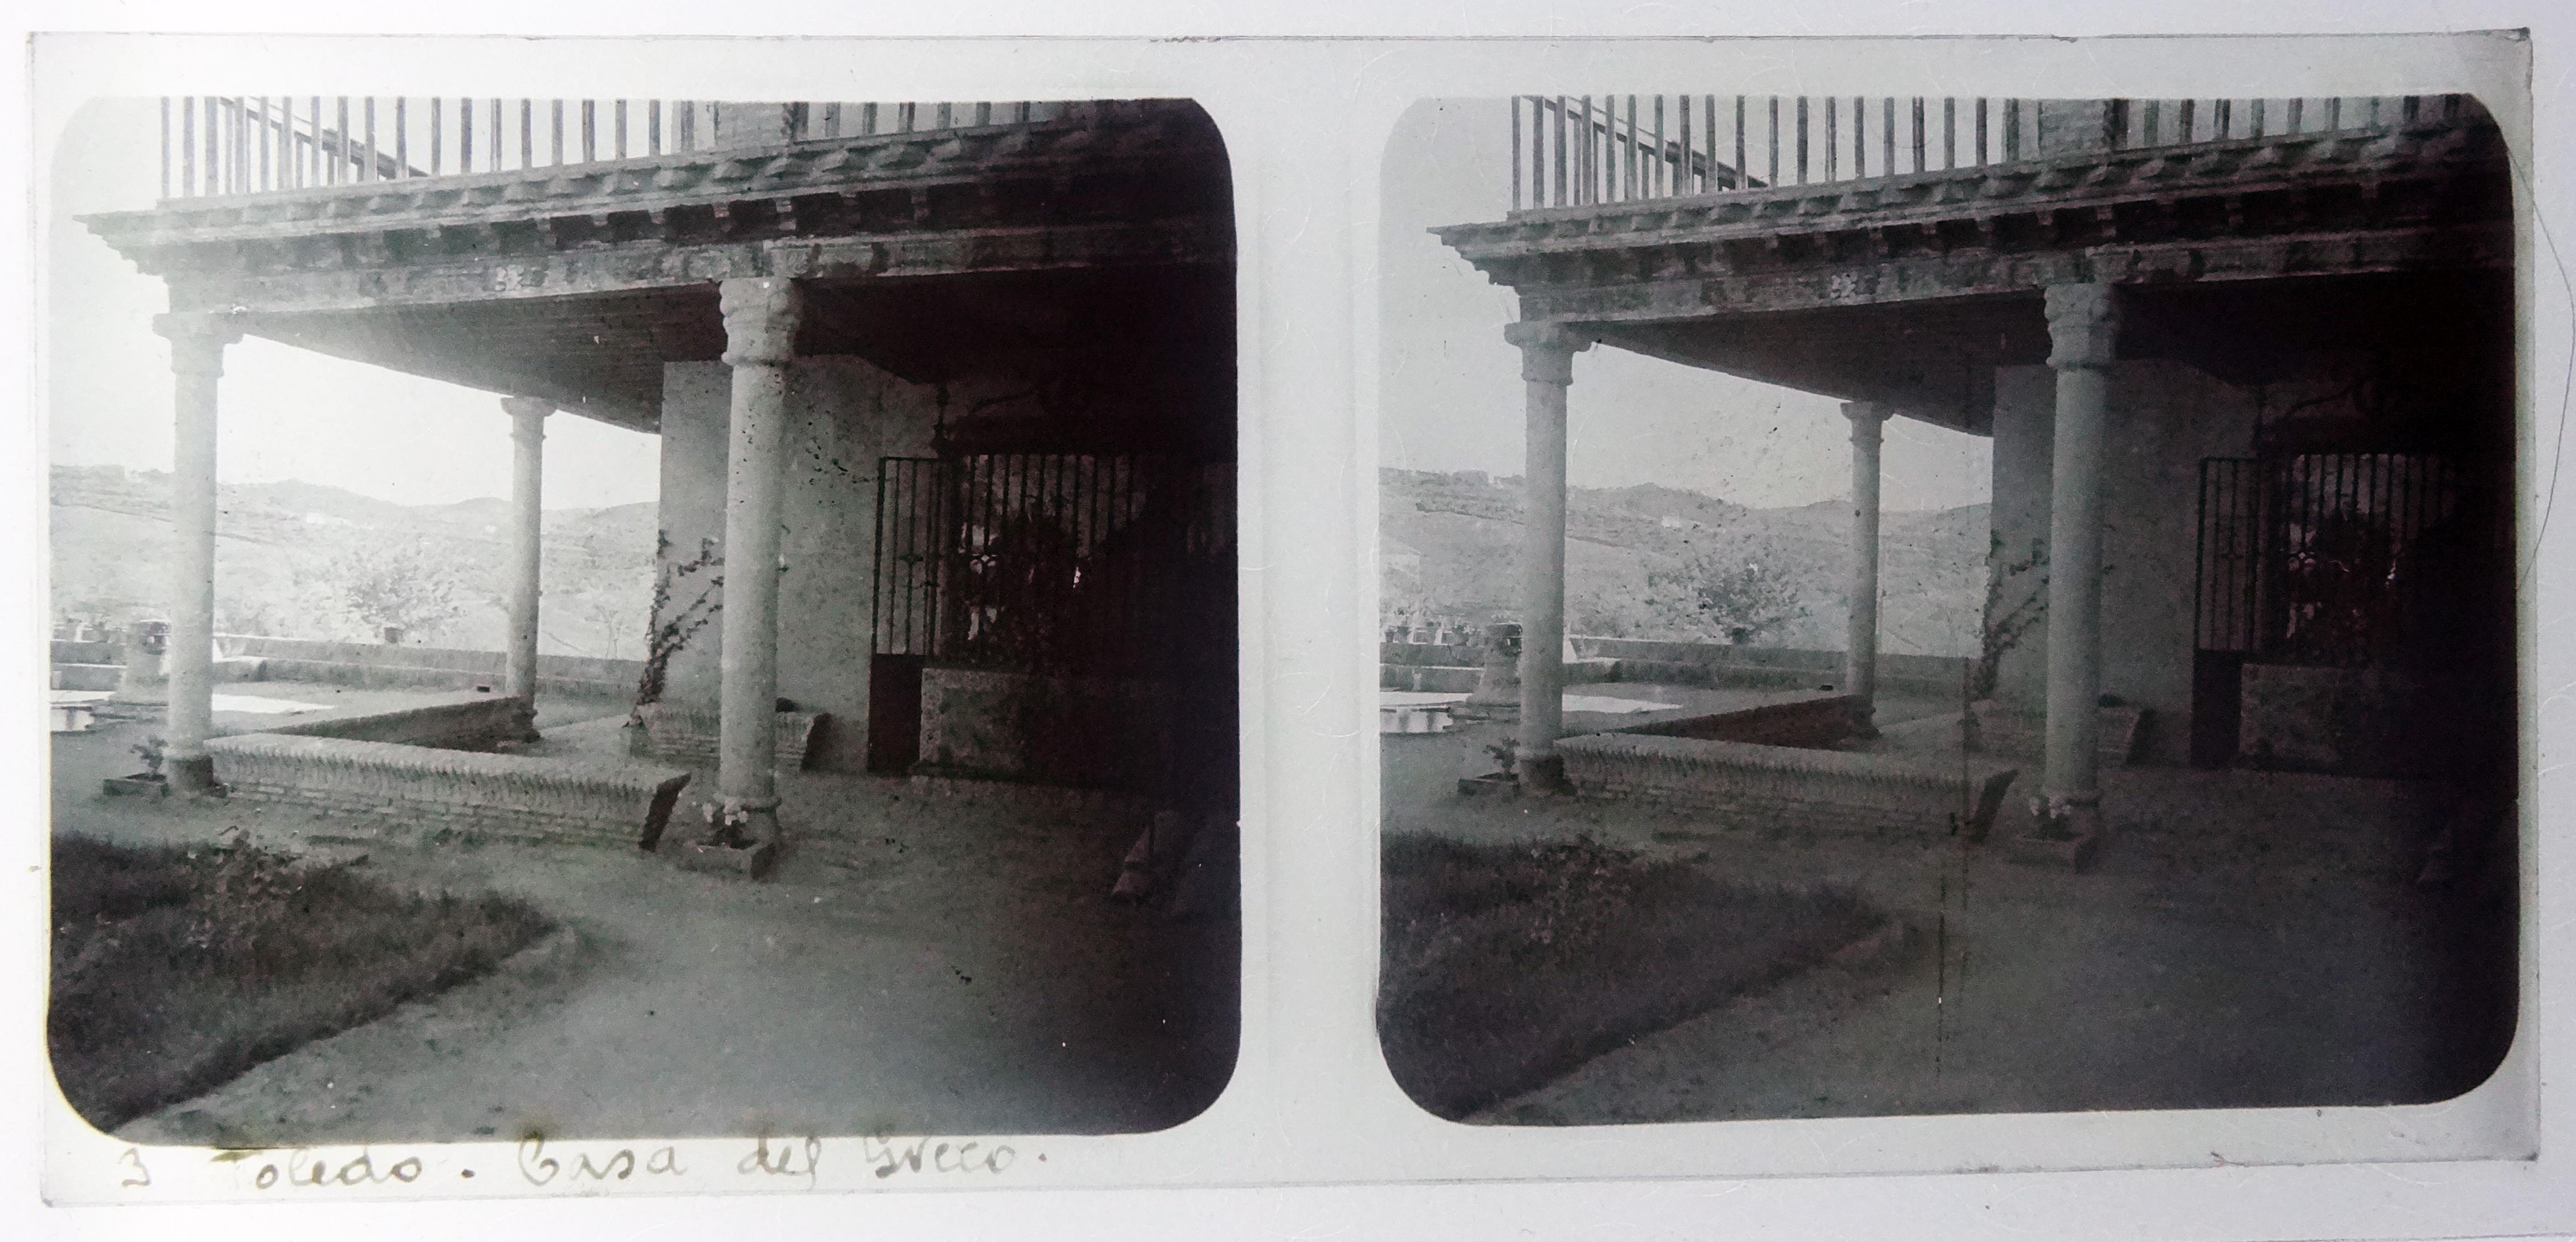 Casa del Greco. Fotografía de Francisco Rodríguez Avial hacia 1910 © Herederos de Francisco Rodríguez Avial